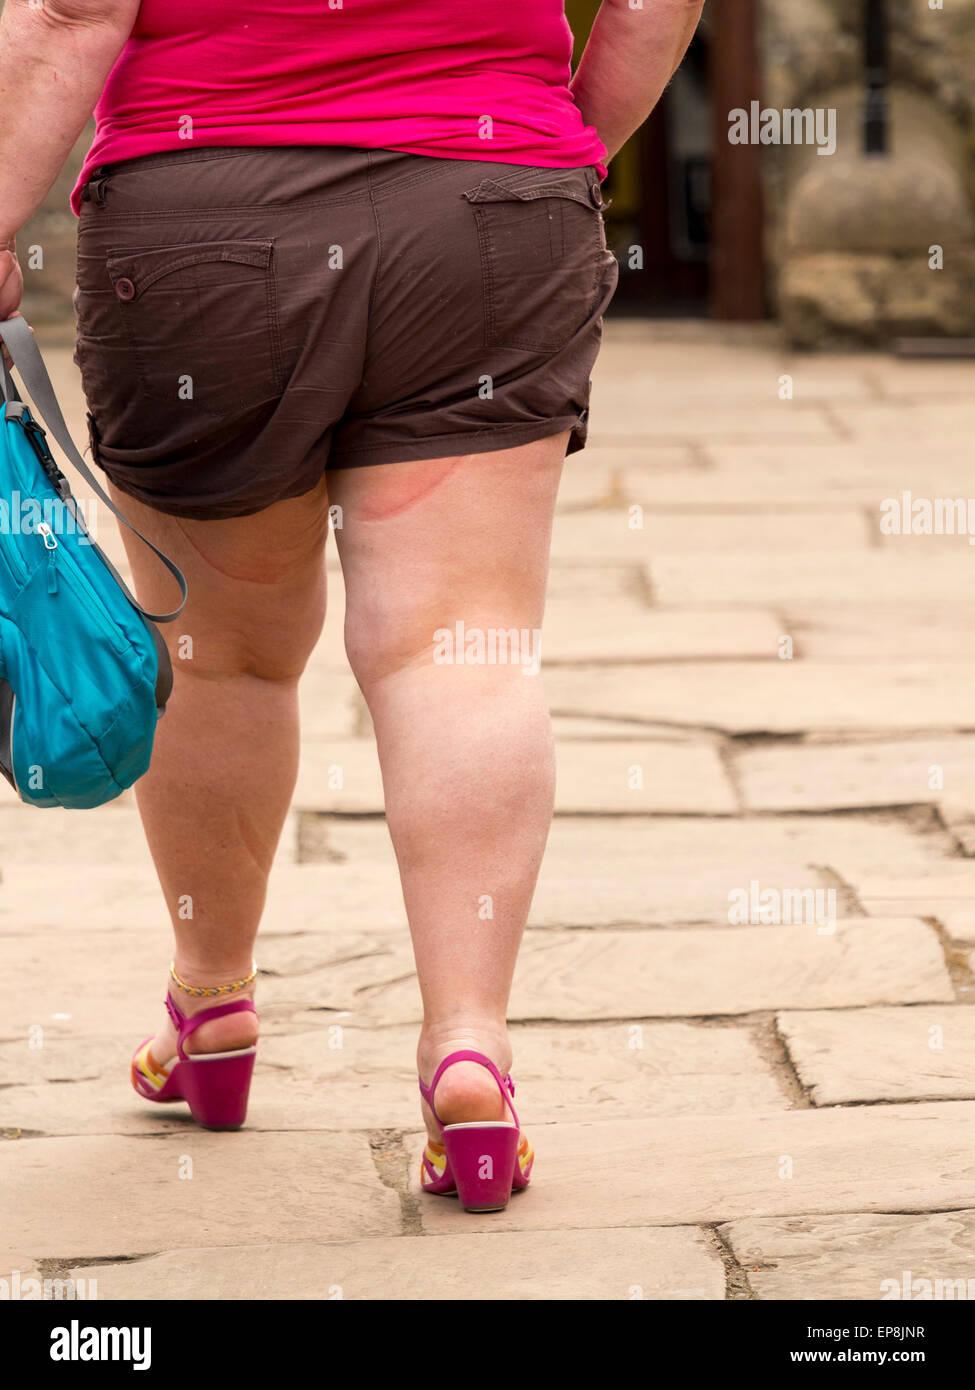 woman wearing shorts fat stock photos & woman wearing shorts fat